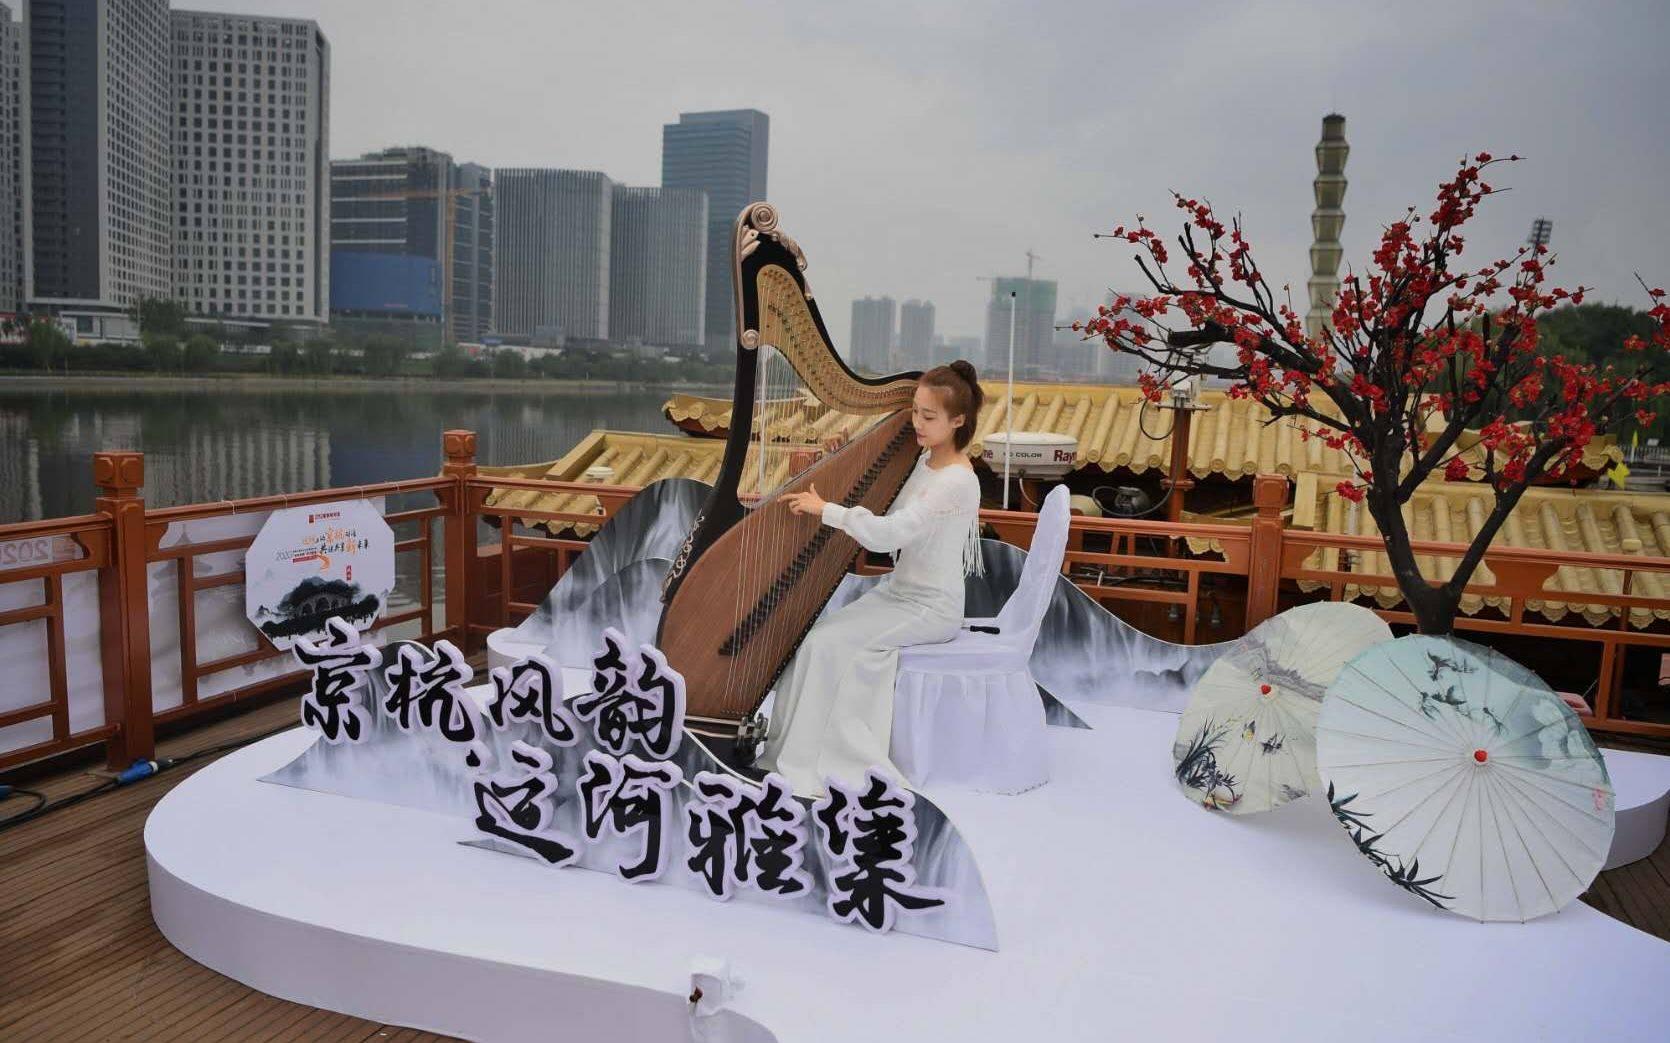 """京杭两地艺术家河上对话,""""京杭风韵""""运河雅集起航"""